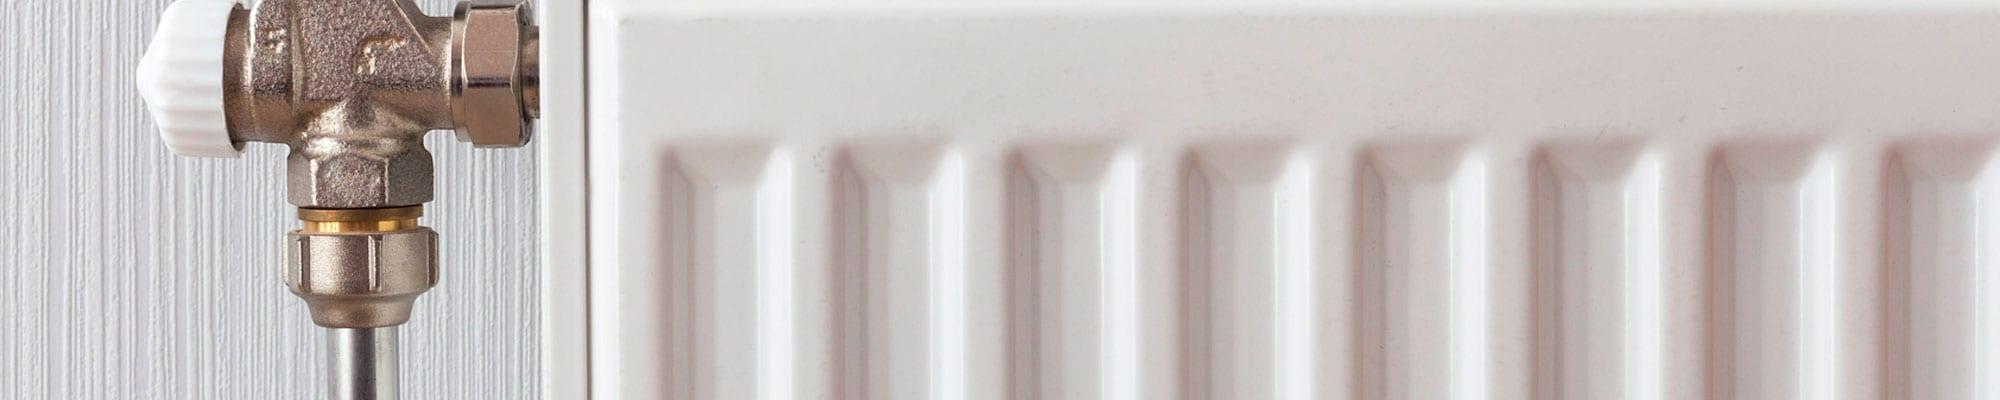 Estudios de mercado para fabricantes de sistemas de climatización